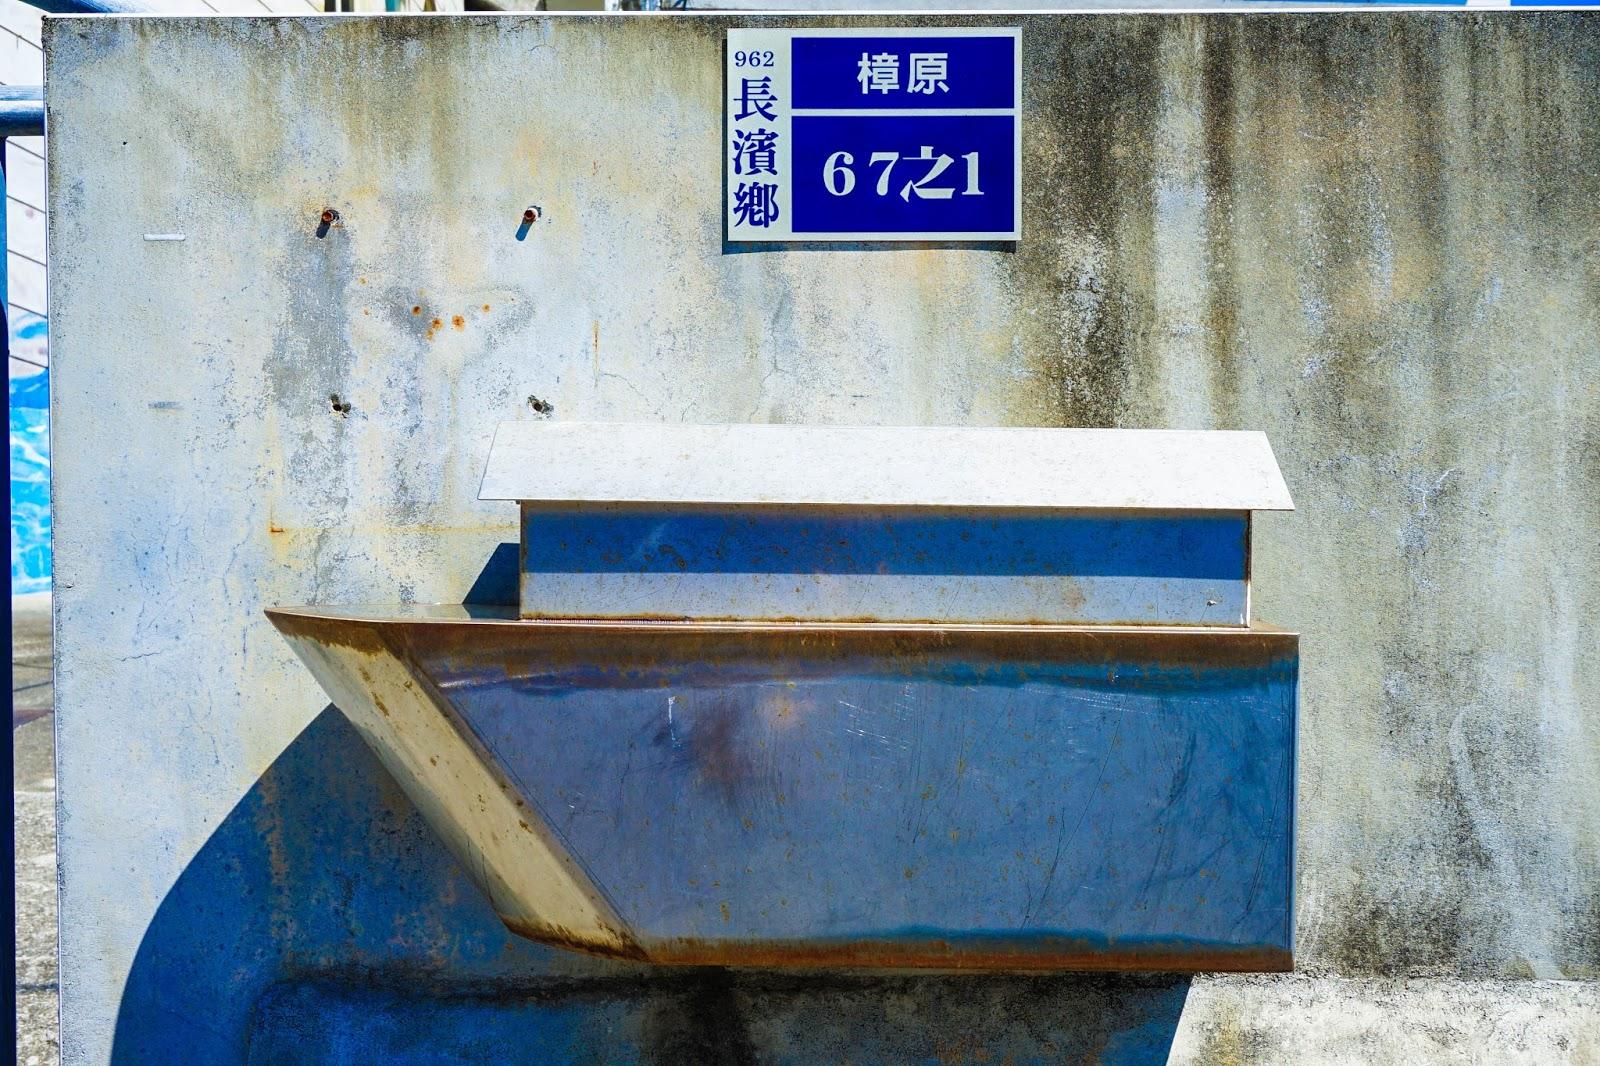 beautyanxiety.com-beautyanxiety.com-Jhangyuan%2BPresbyterian%2BChurch-DSC02842.jpg